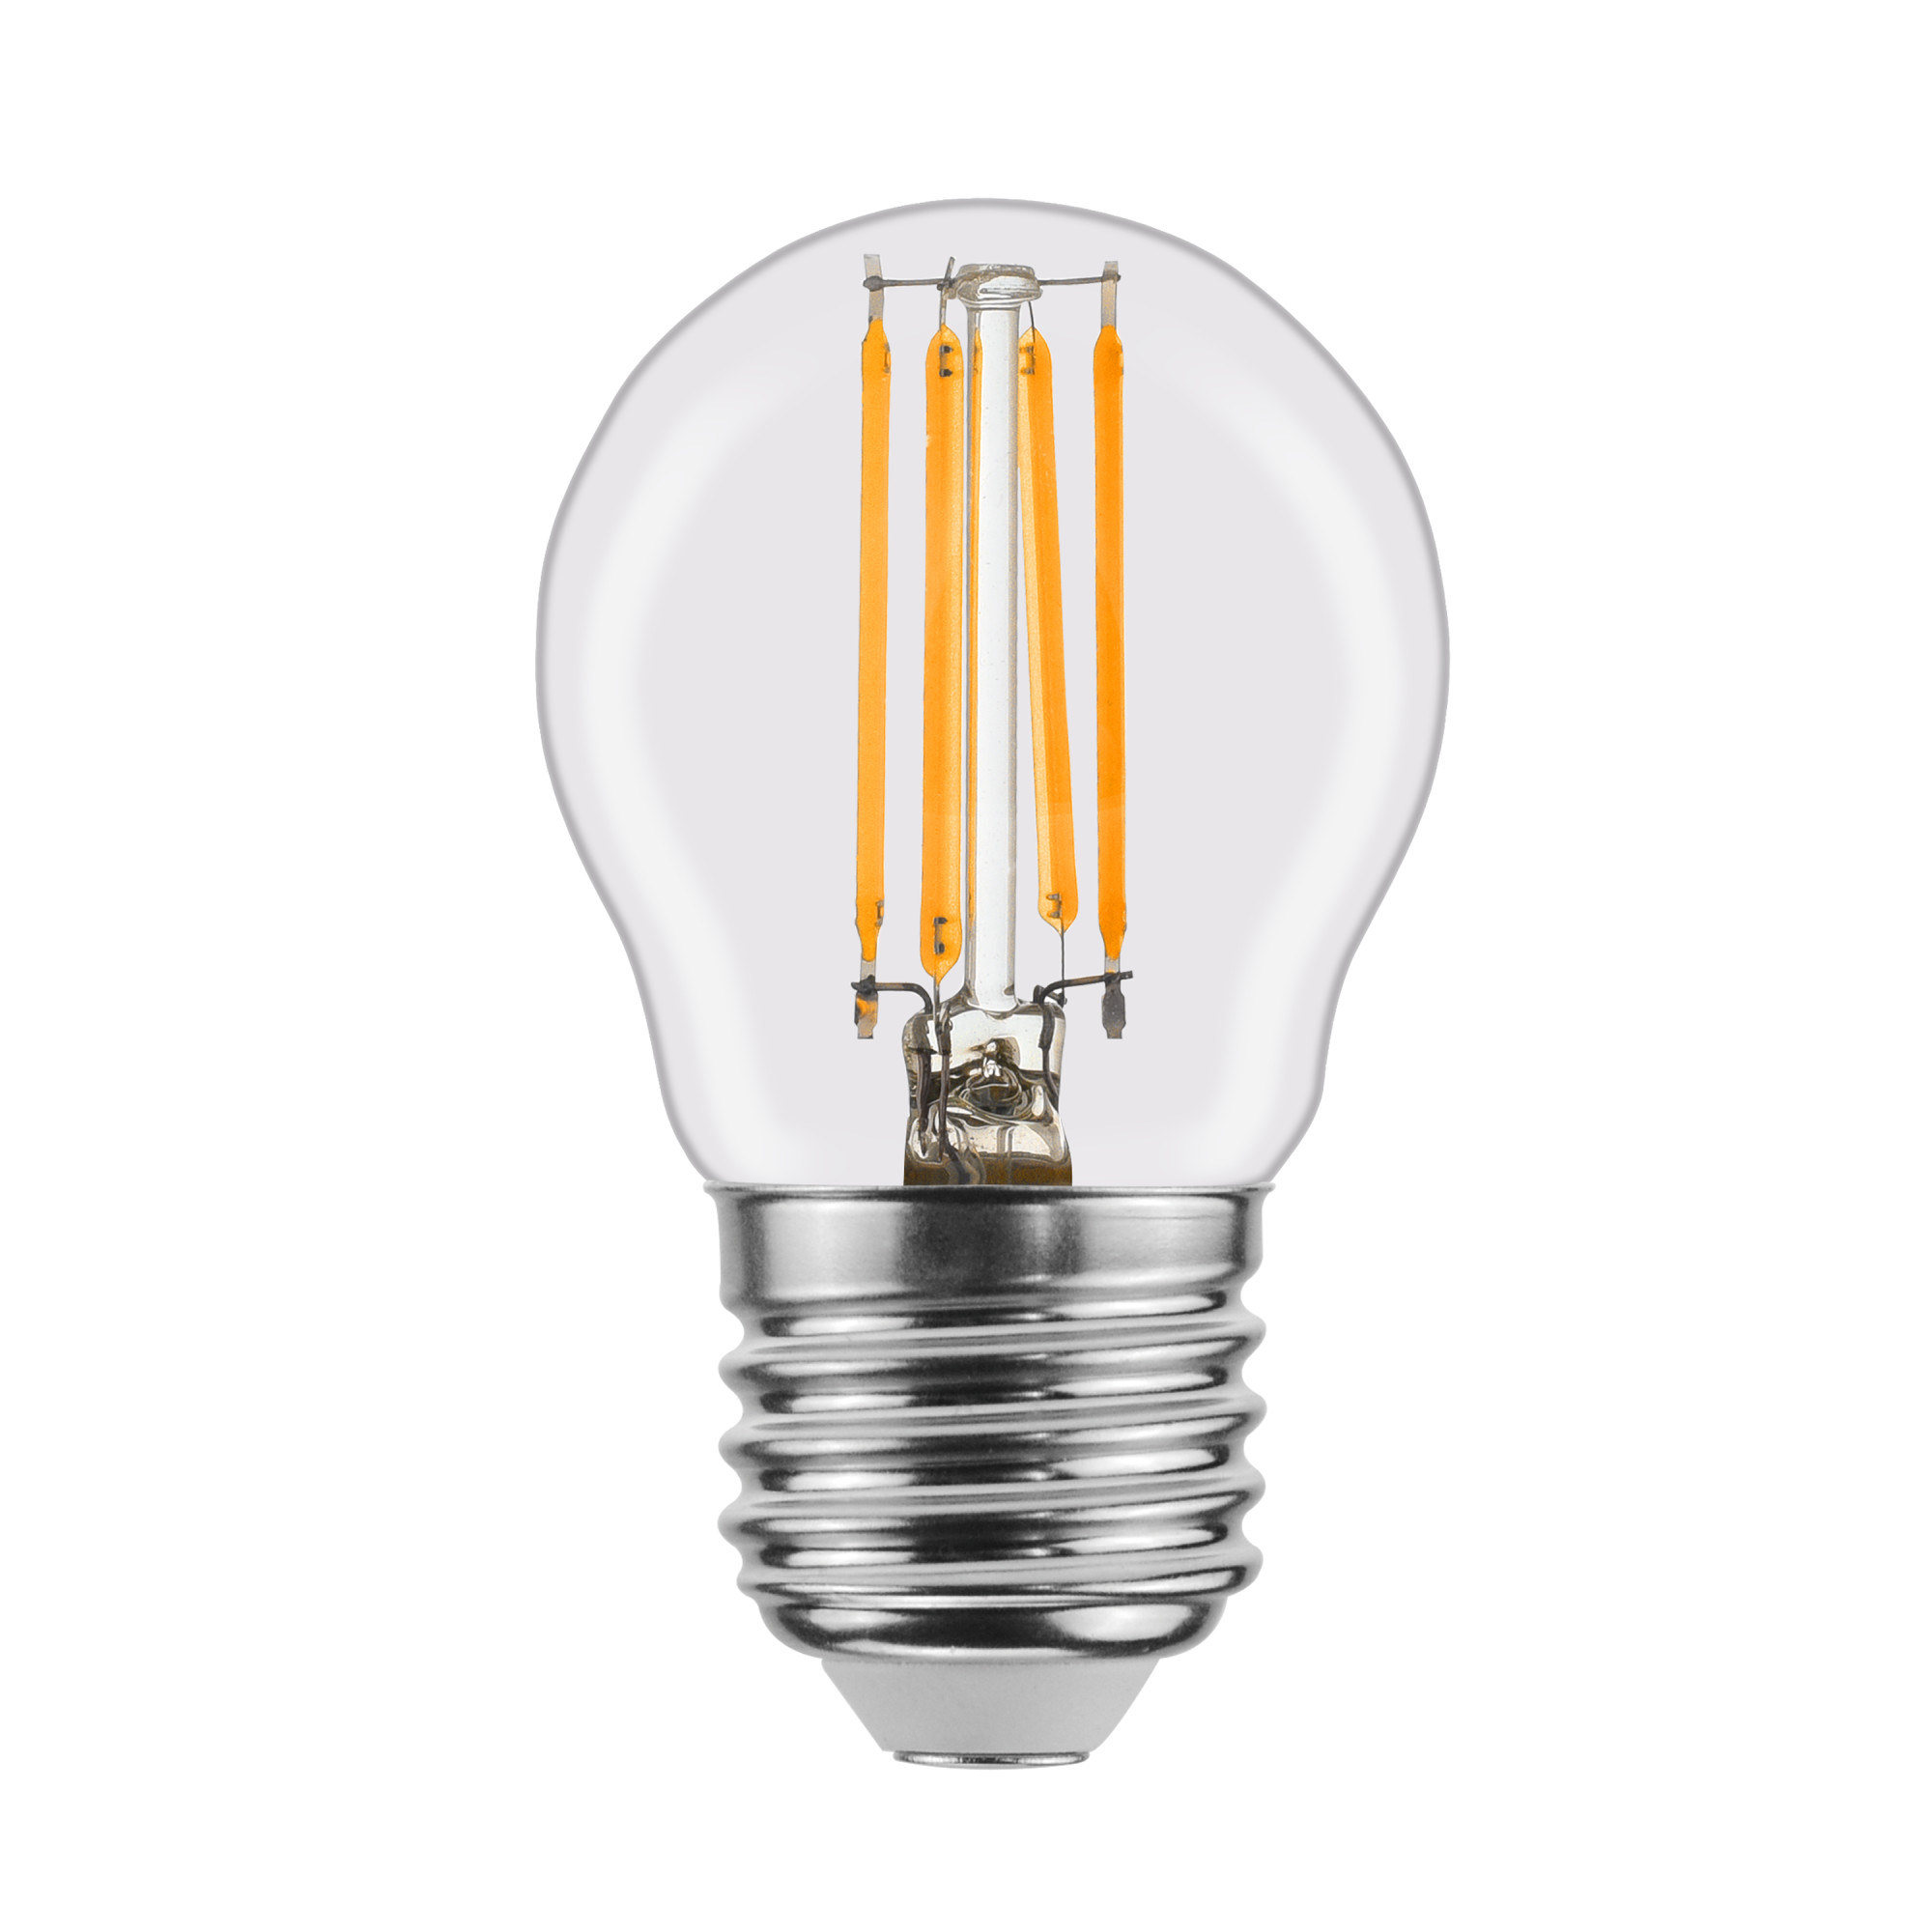 Лампа светодиодная филаментная Lexman E27 220 В 4.5 Вт шар прозрачный 470 лм тёплый белый свет